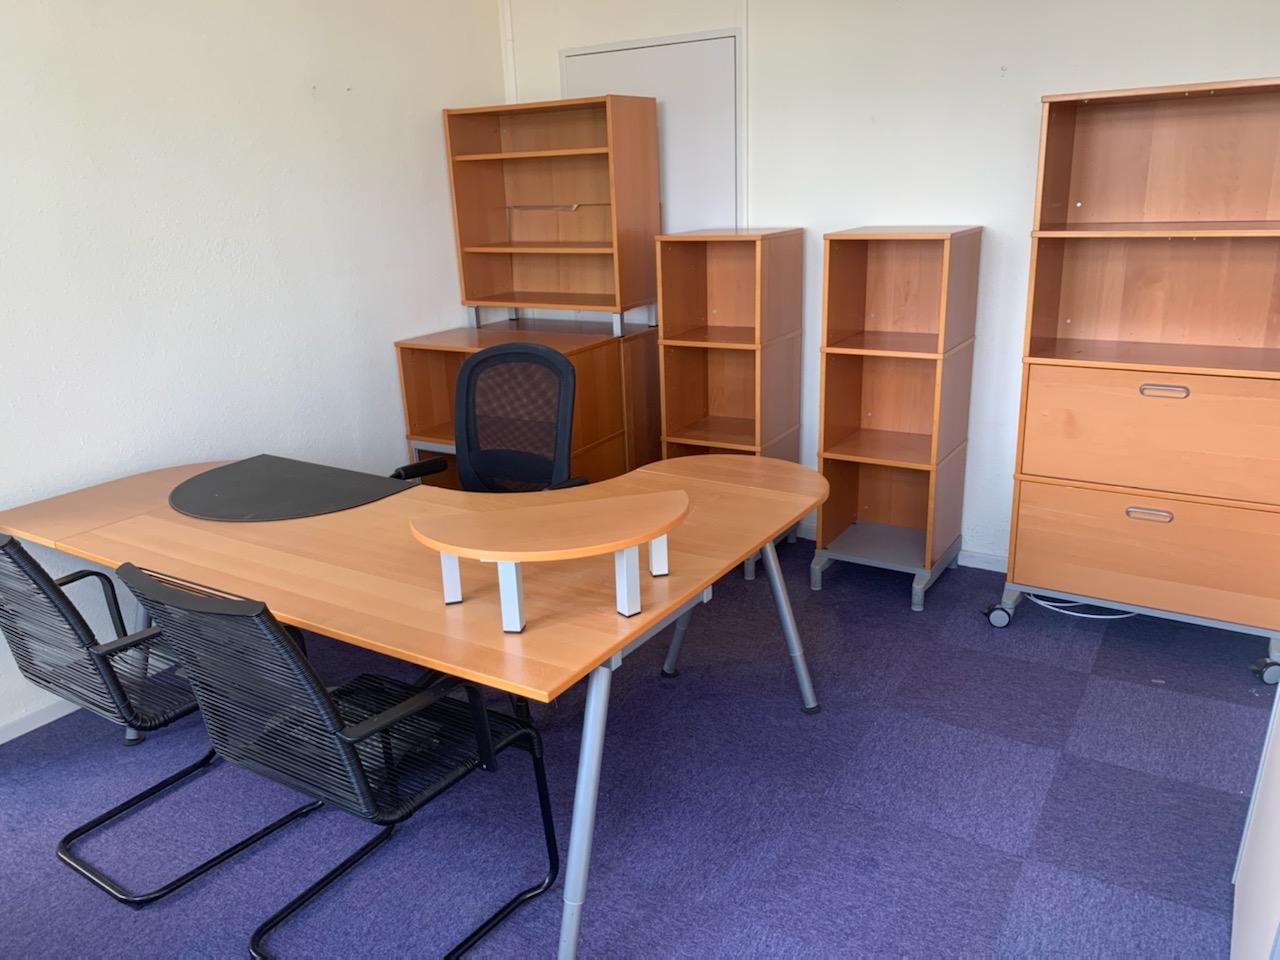 Bureau a vendre enchere ensemble bureau angle